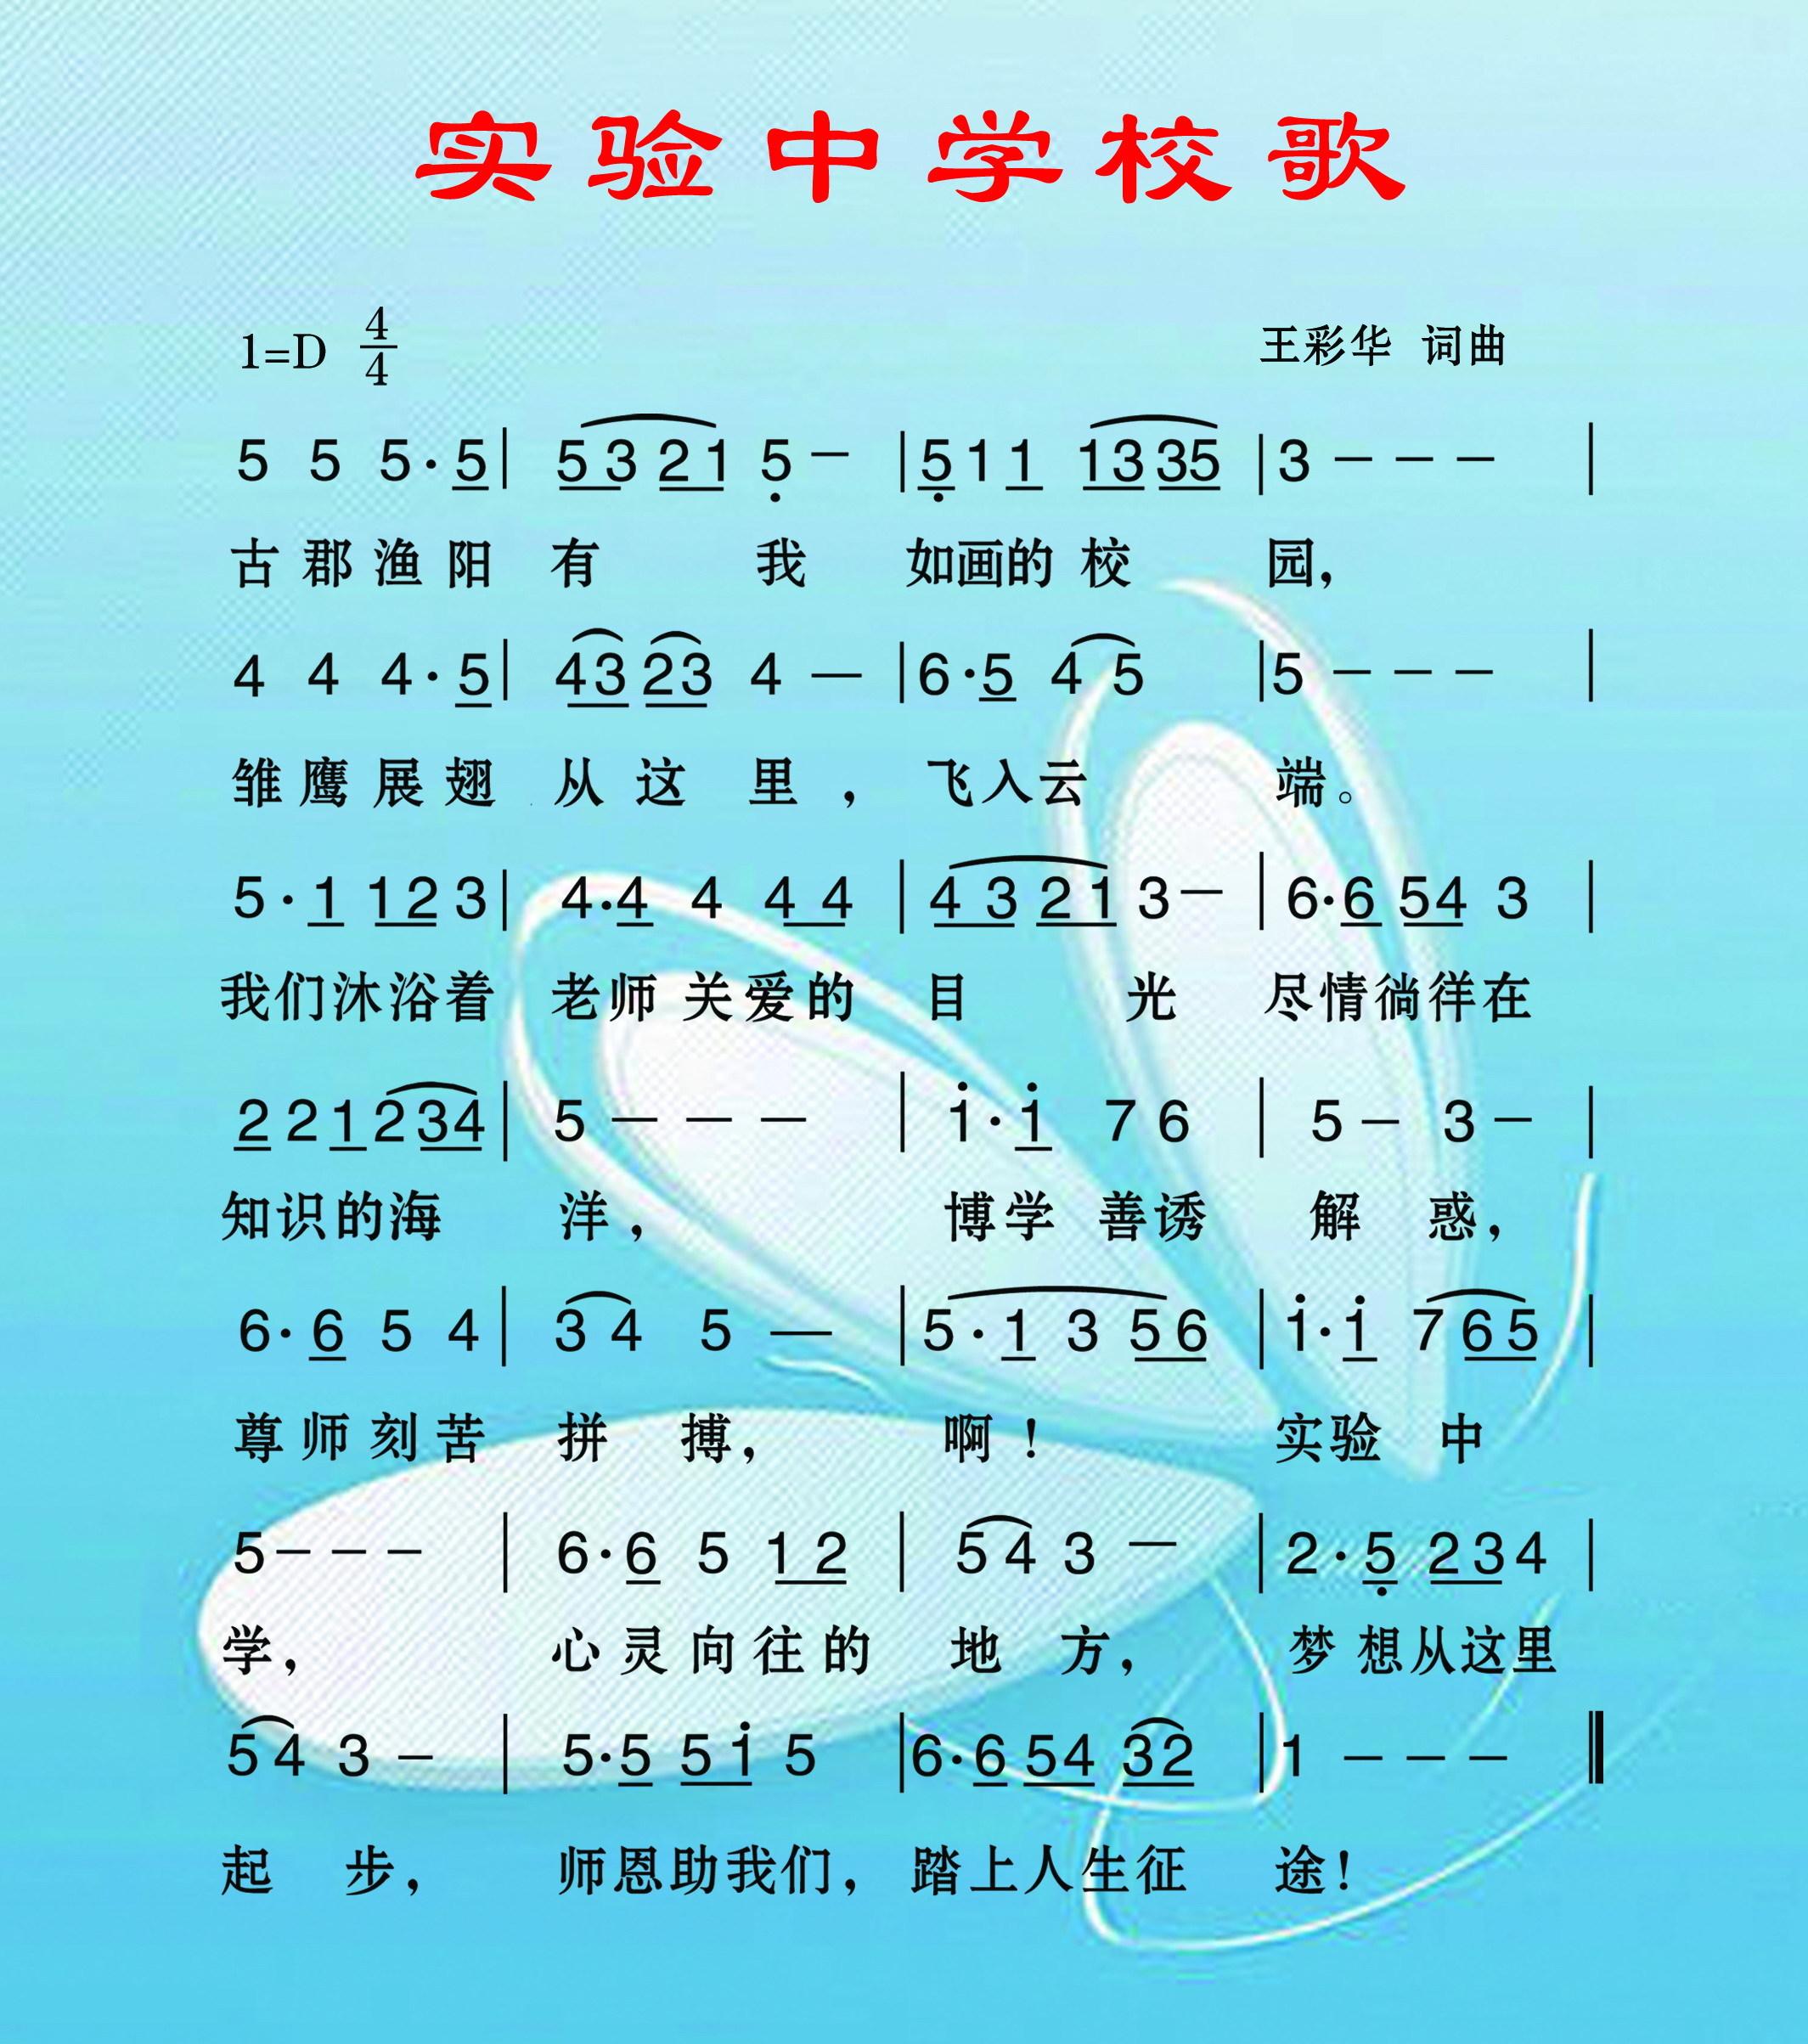 中山纪念中学校歌五线谱图片分享下载